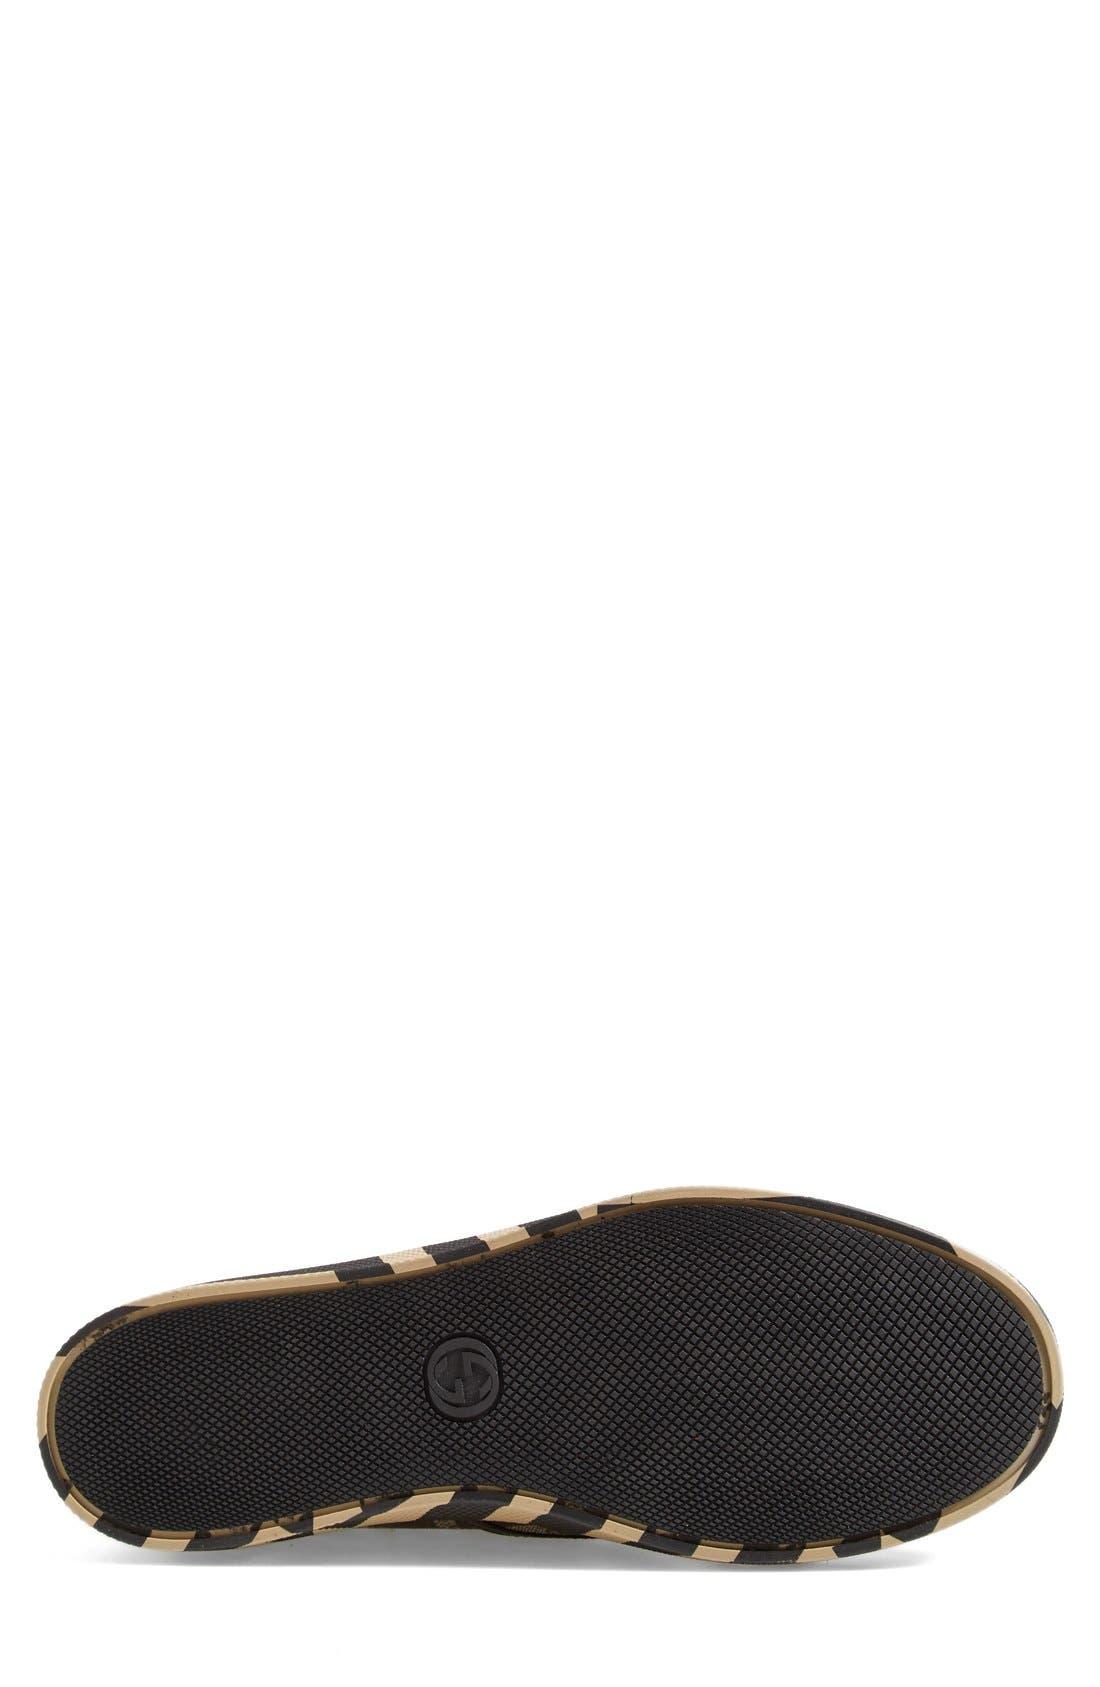 Dublin Slip-On Sneaker,                             Alternate thumbnail 54, color,